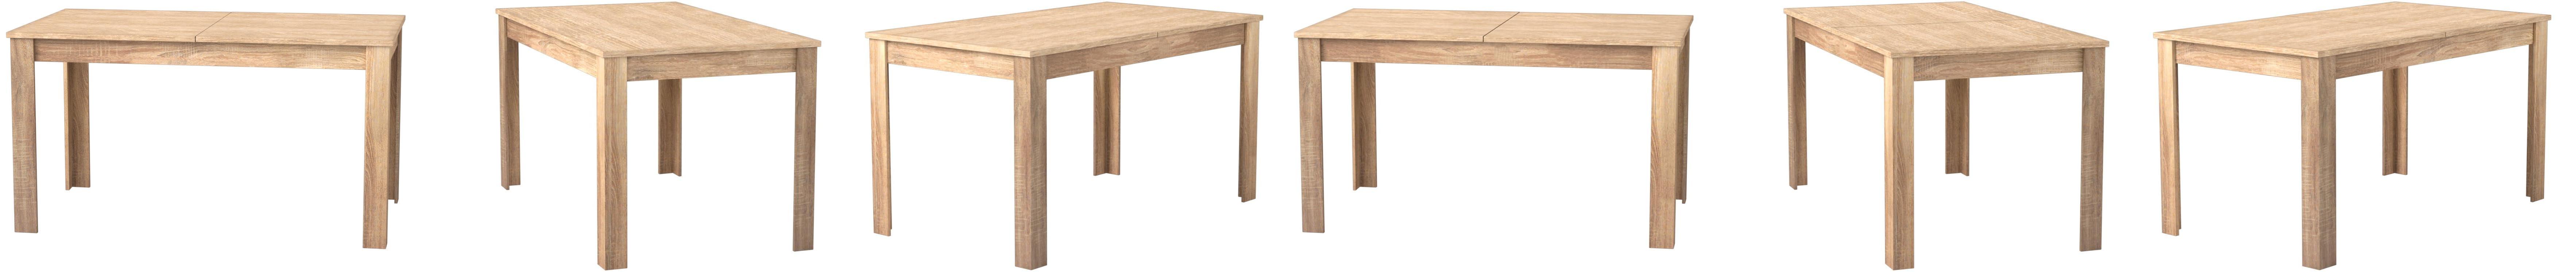 HOMEXPERTS, Tisch NICK, Moderner Esstisch 10 cm mit ausziehbarer ...